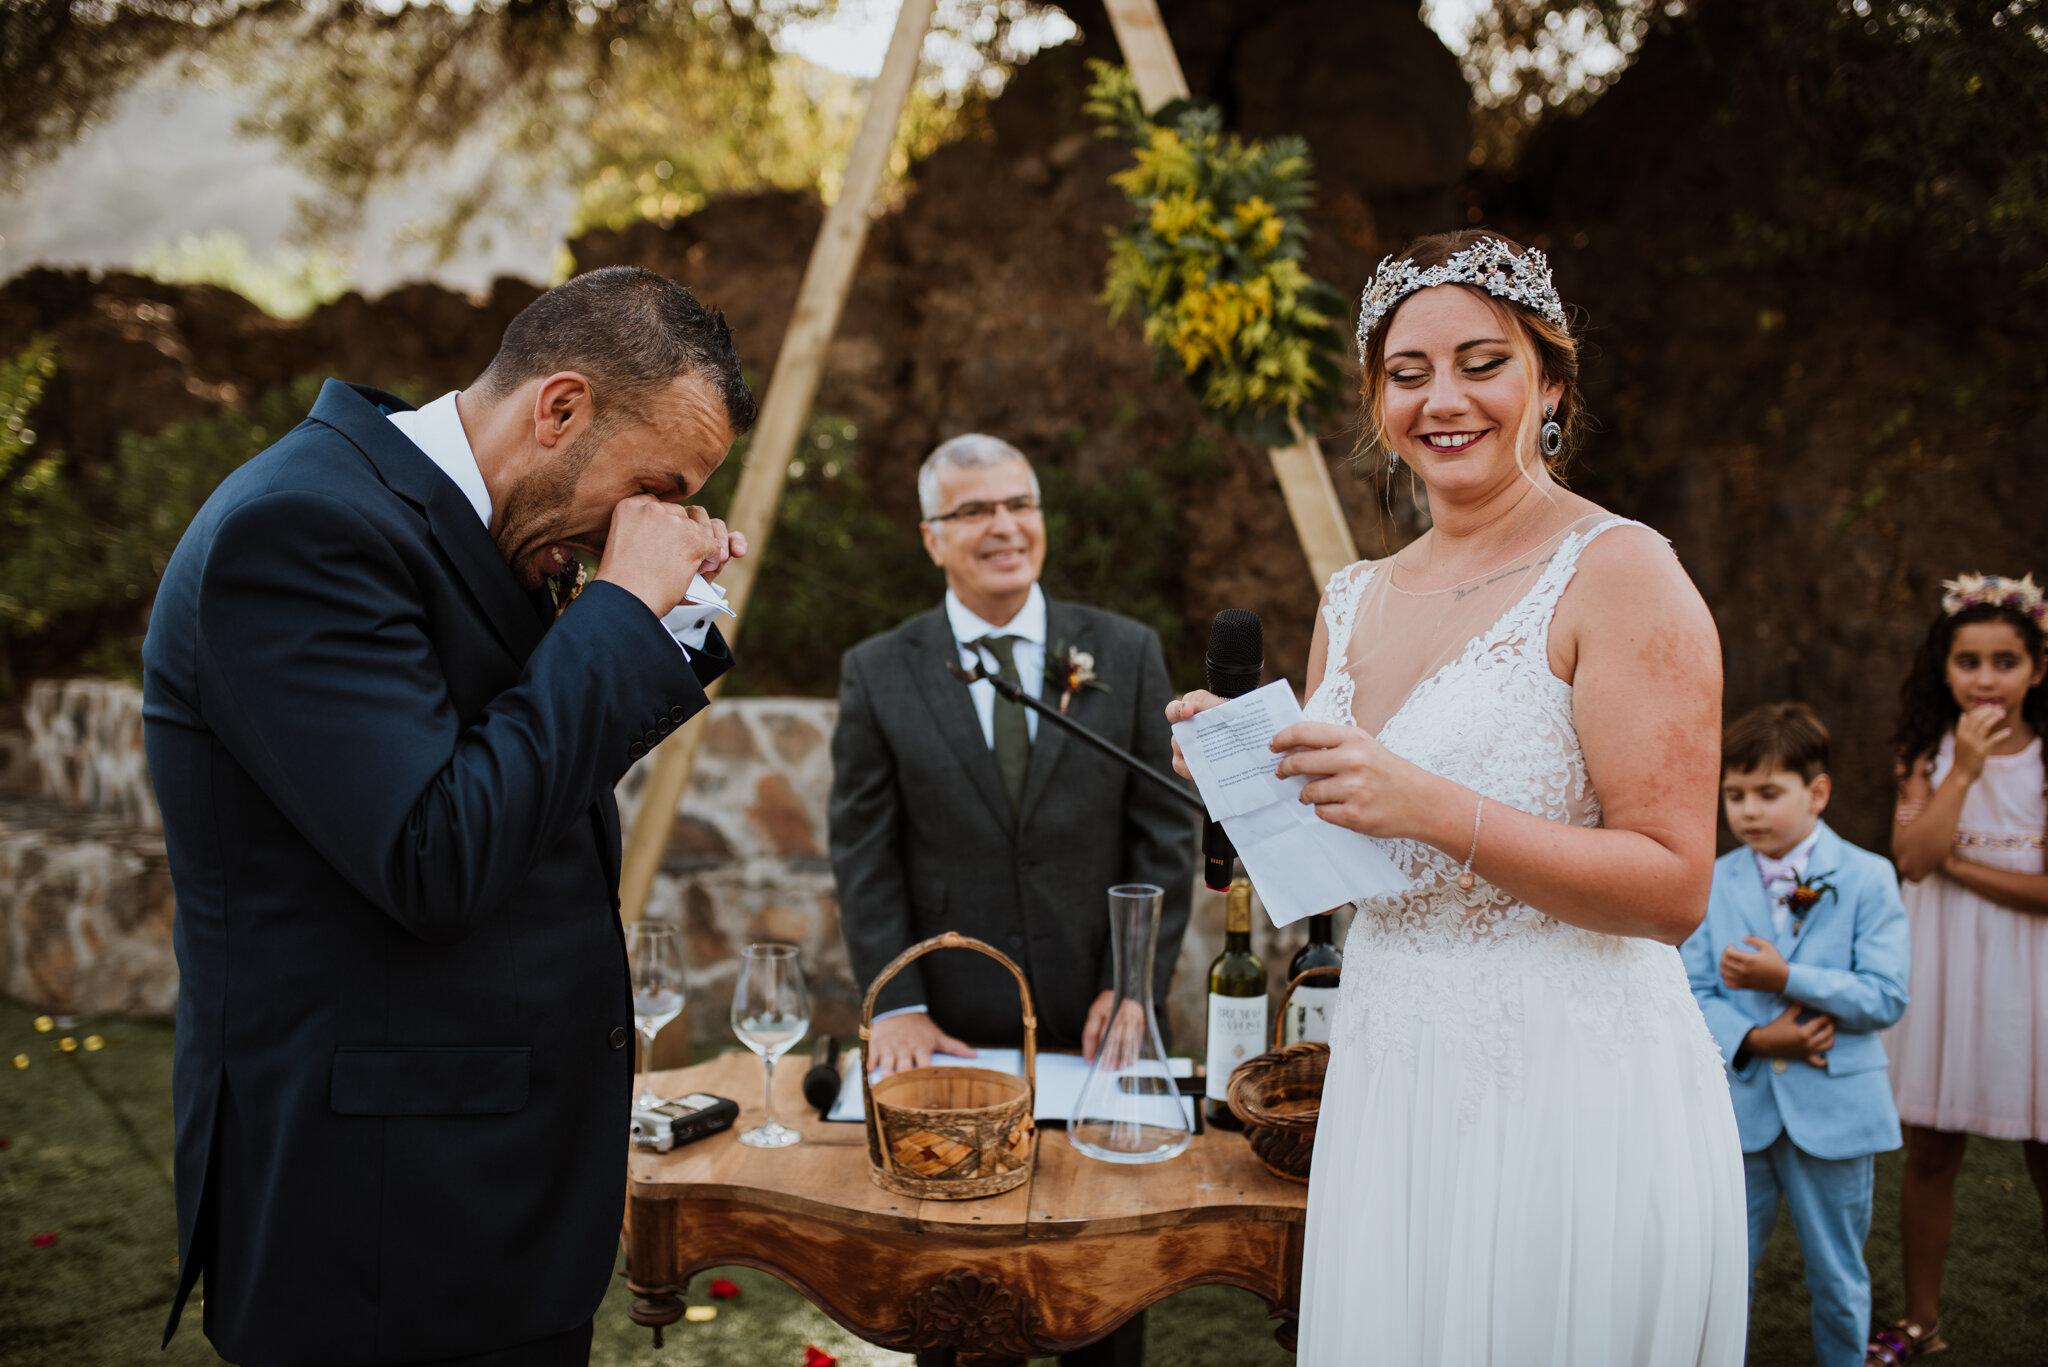 fotografo de bodas las palmas_-62.jpg